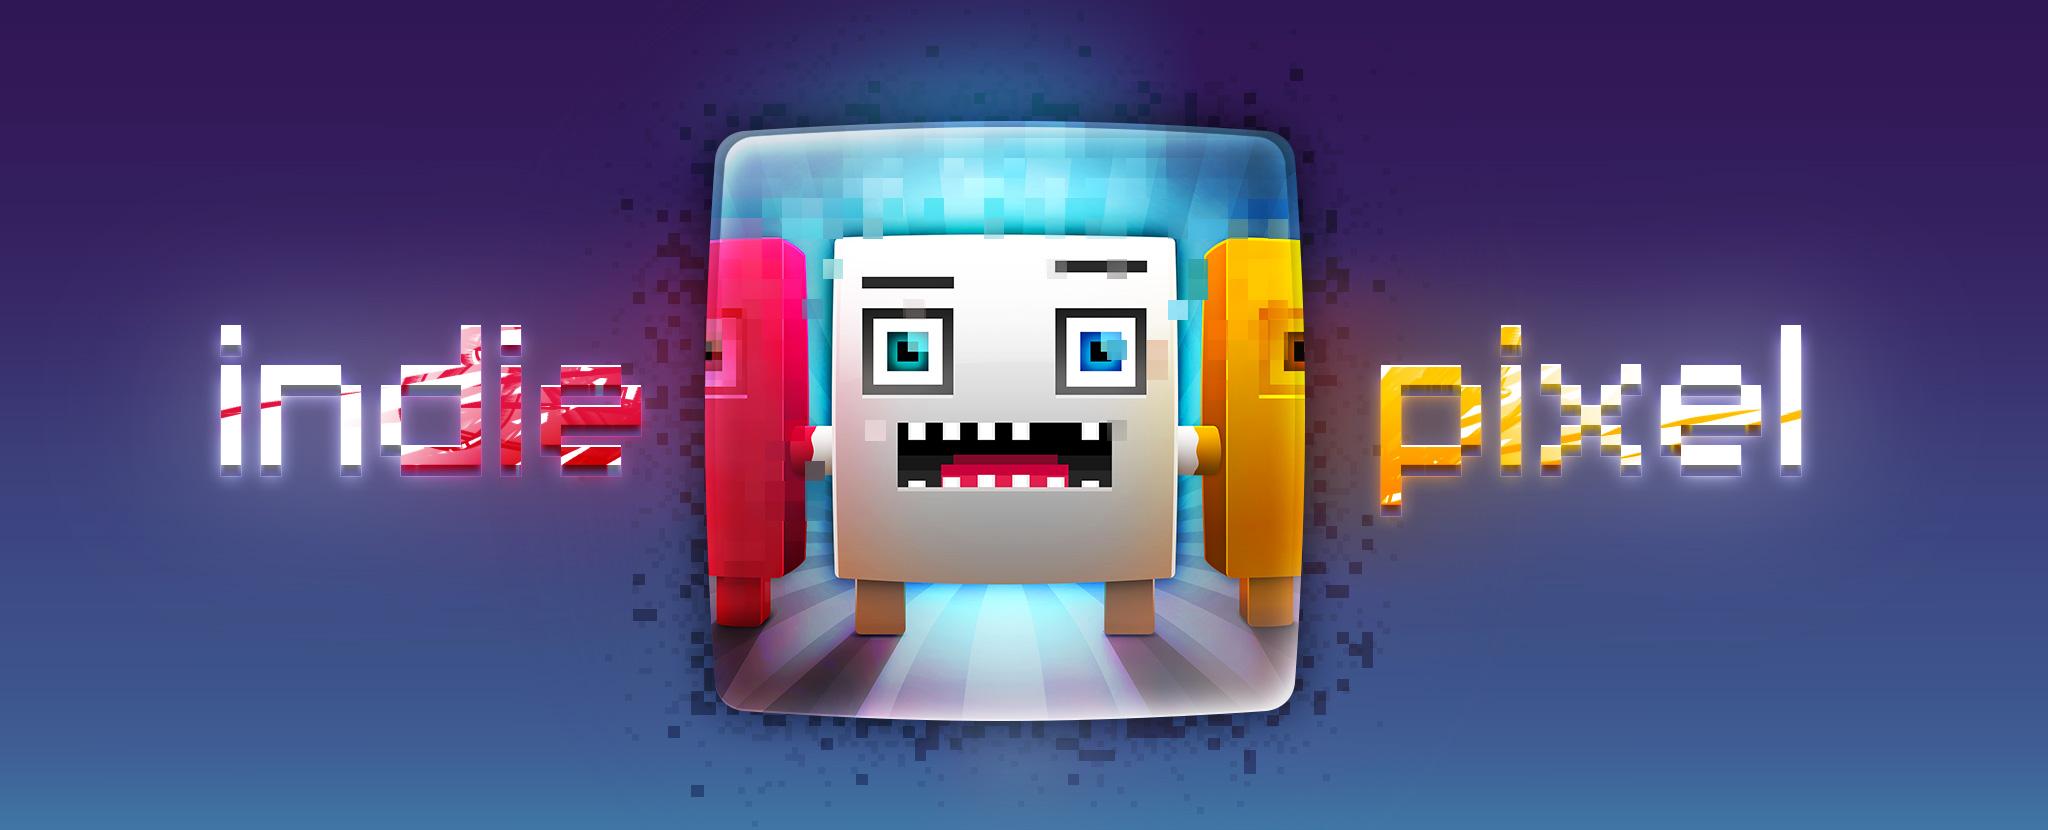 indie_pixel